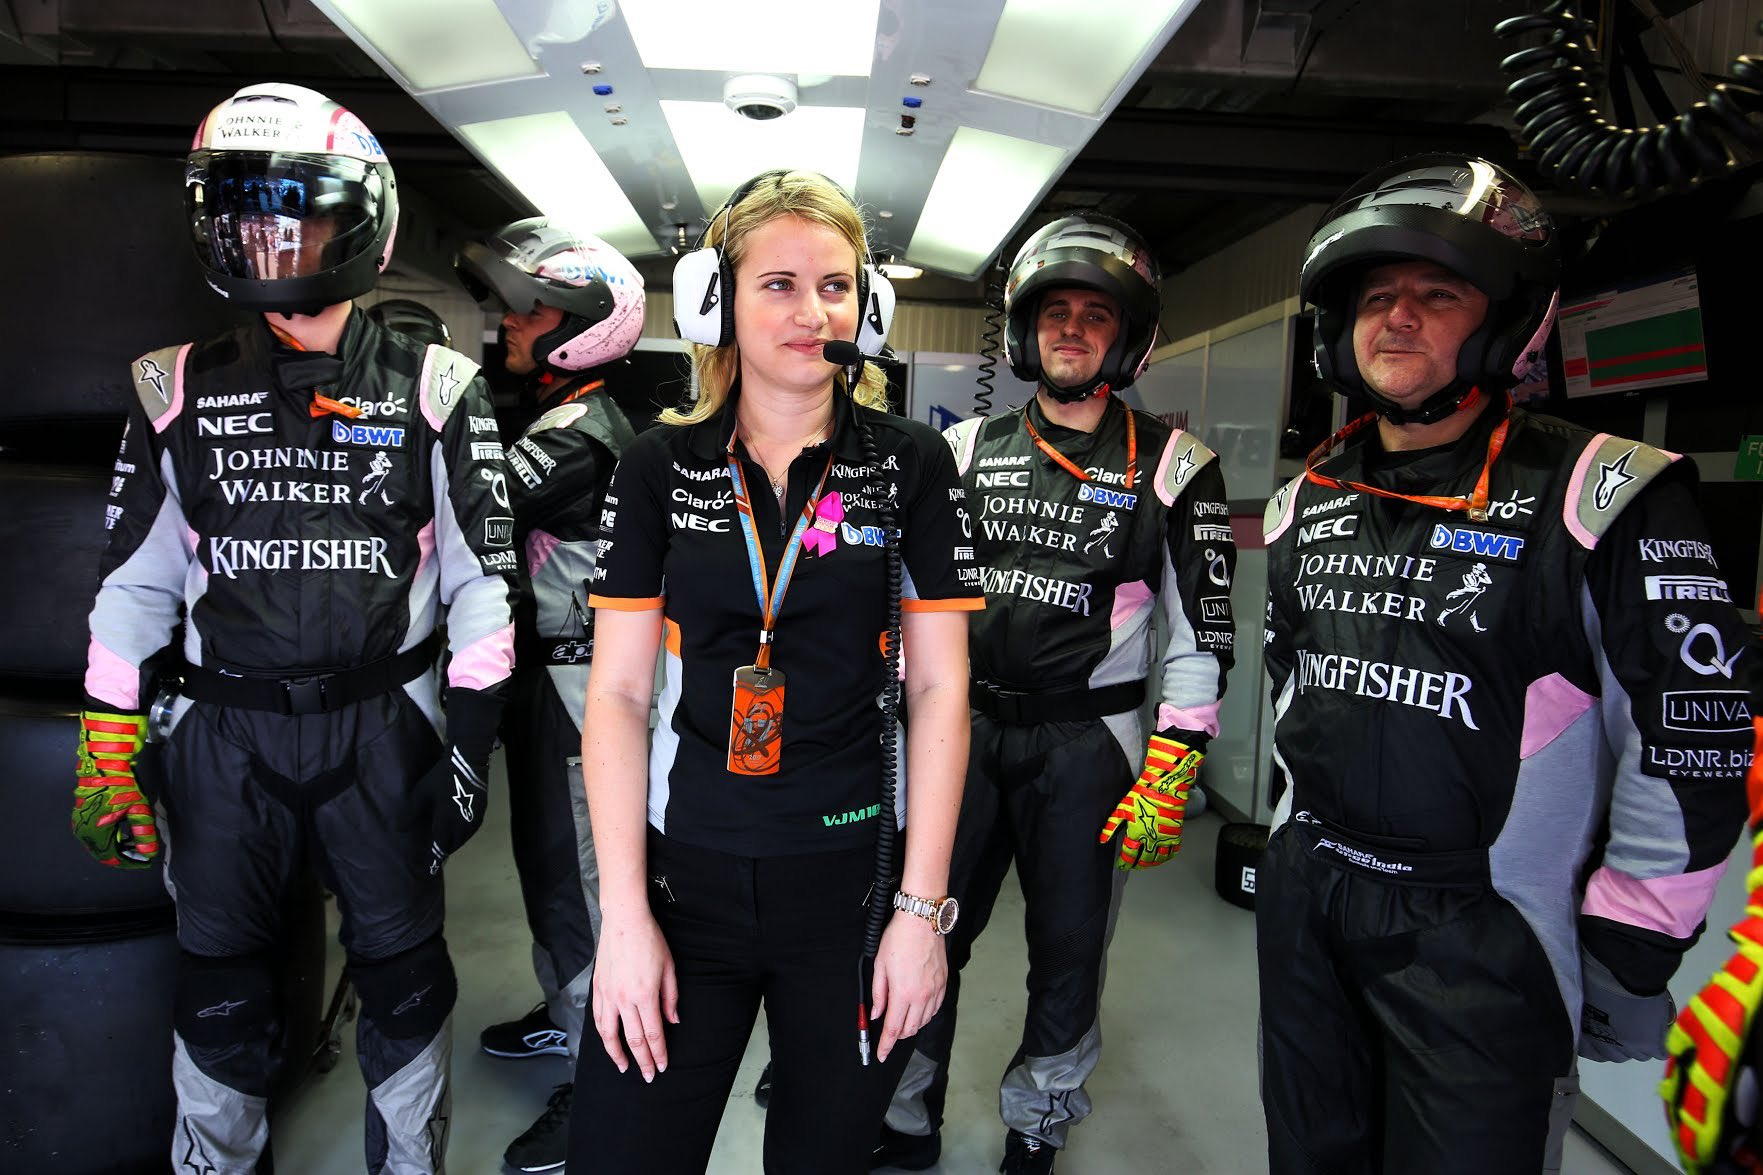 Bernie Collins, la mujer detrás de los triunfos de Checo Pérez en la Fórmula 1